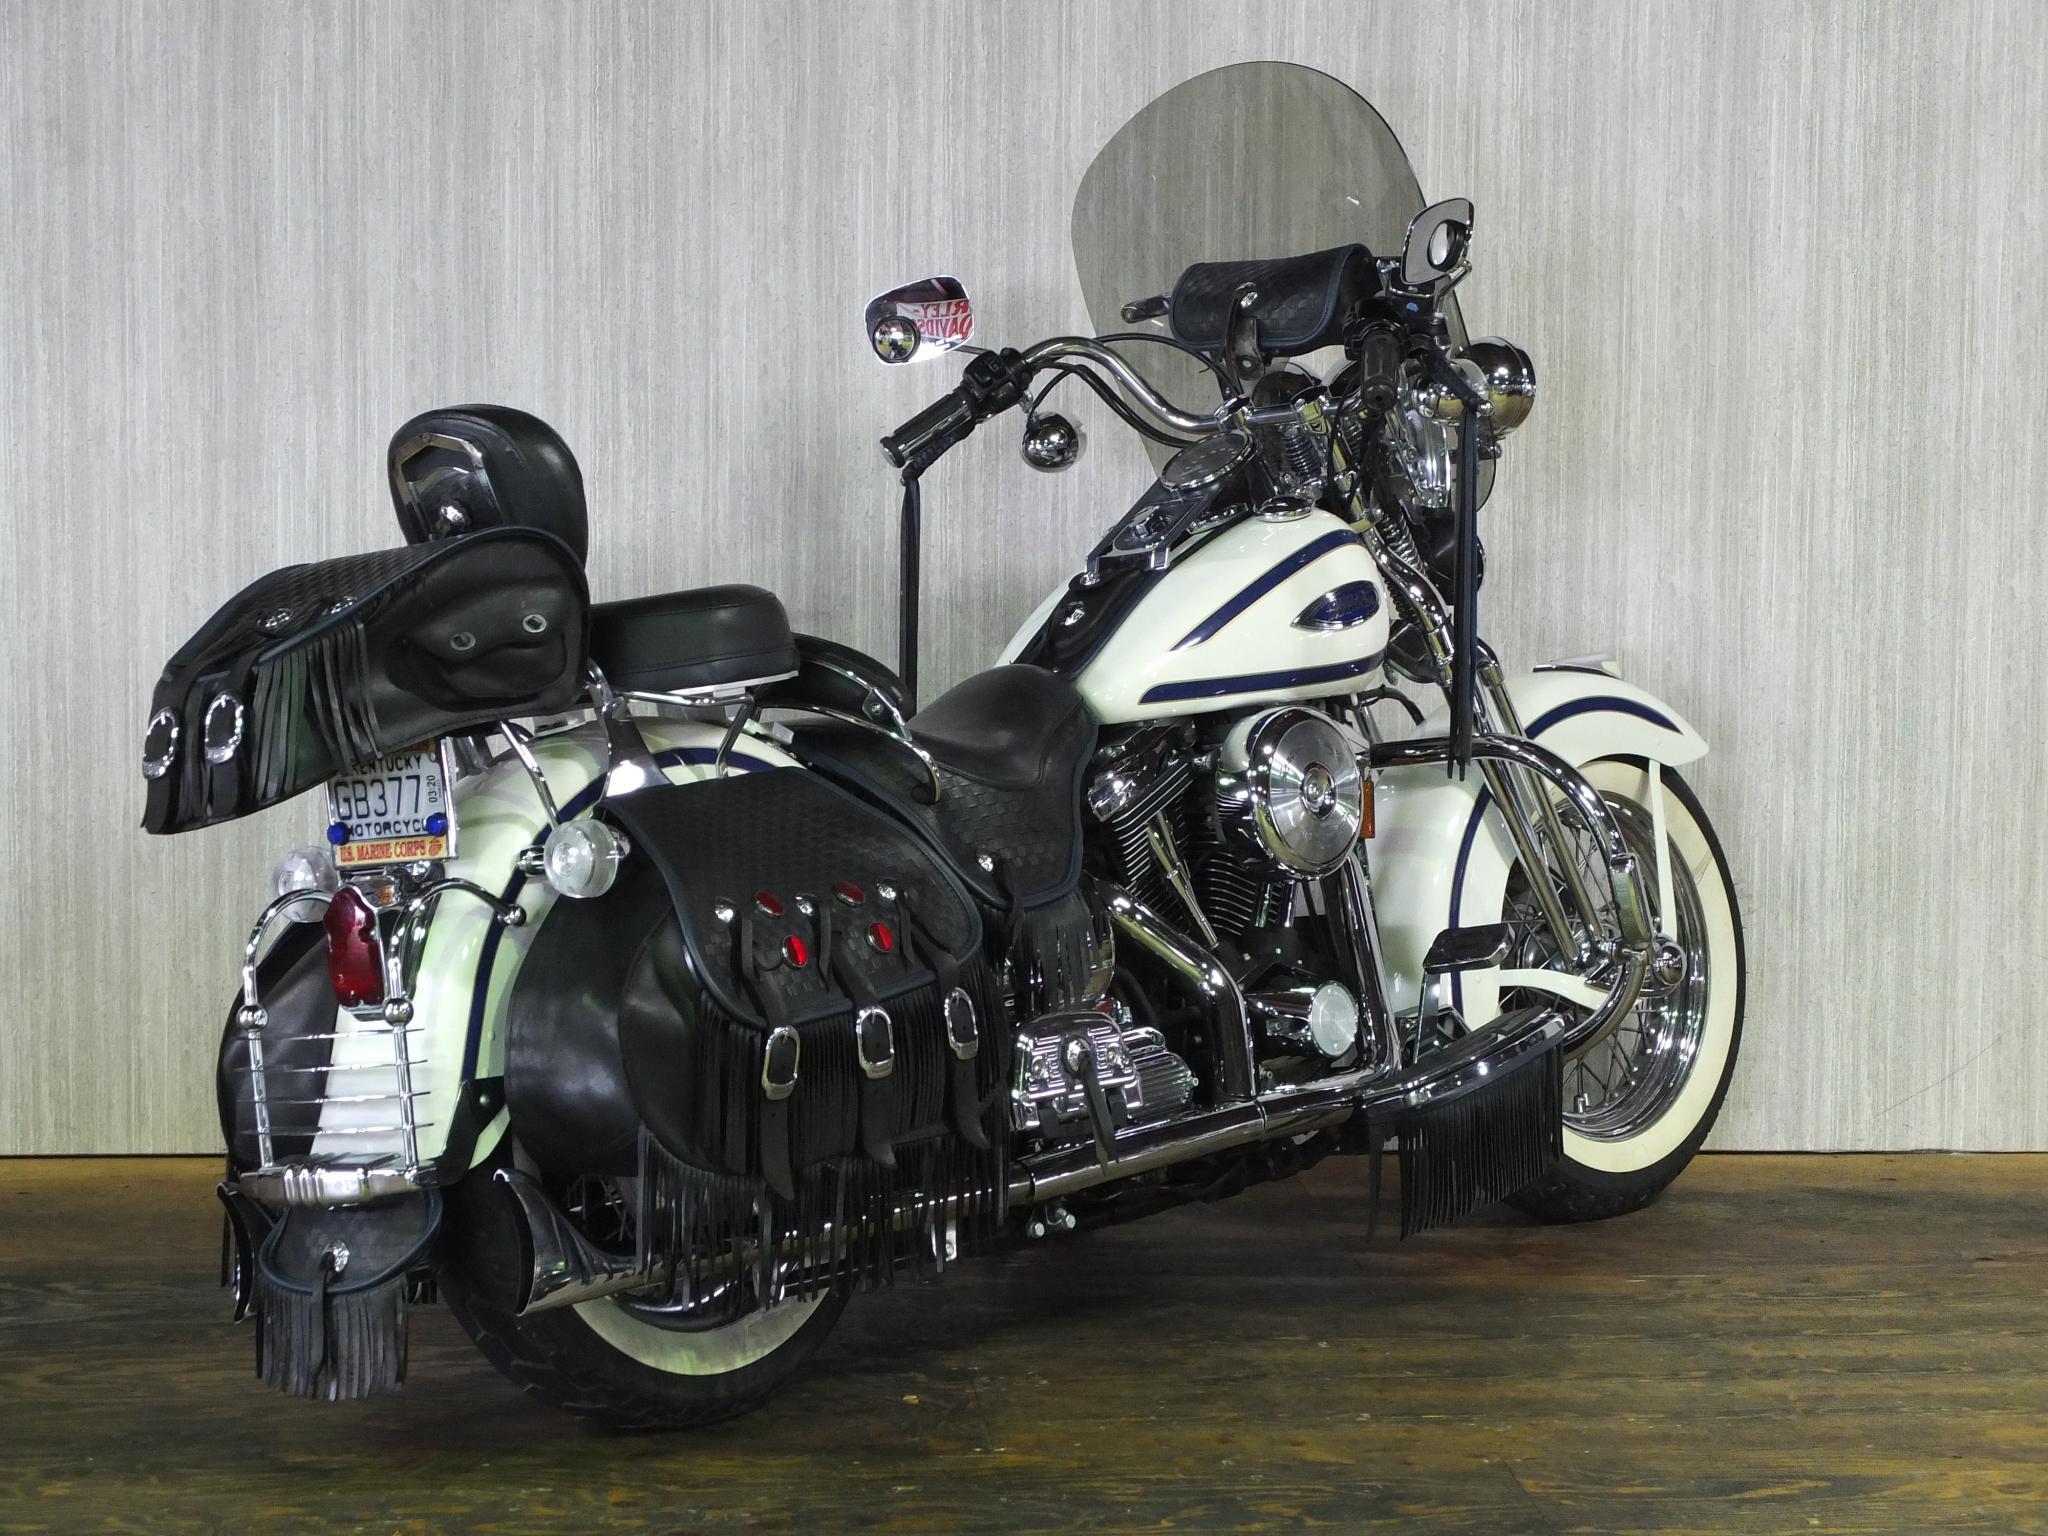 ハーレーダビッドソン 1997 FLSTS Heritage Springer 車体写真3